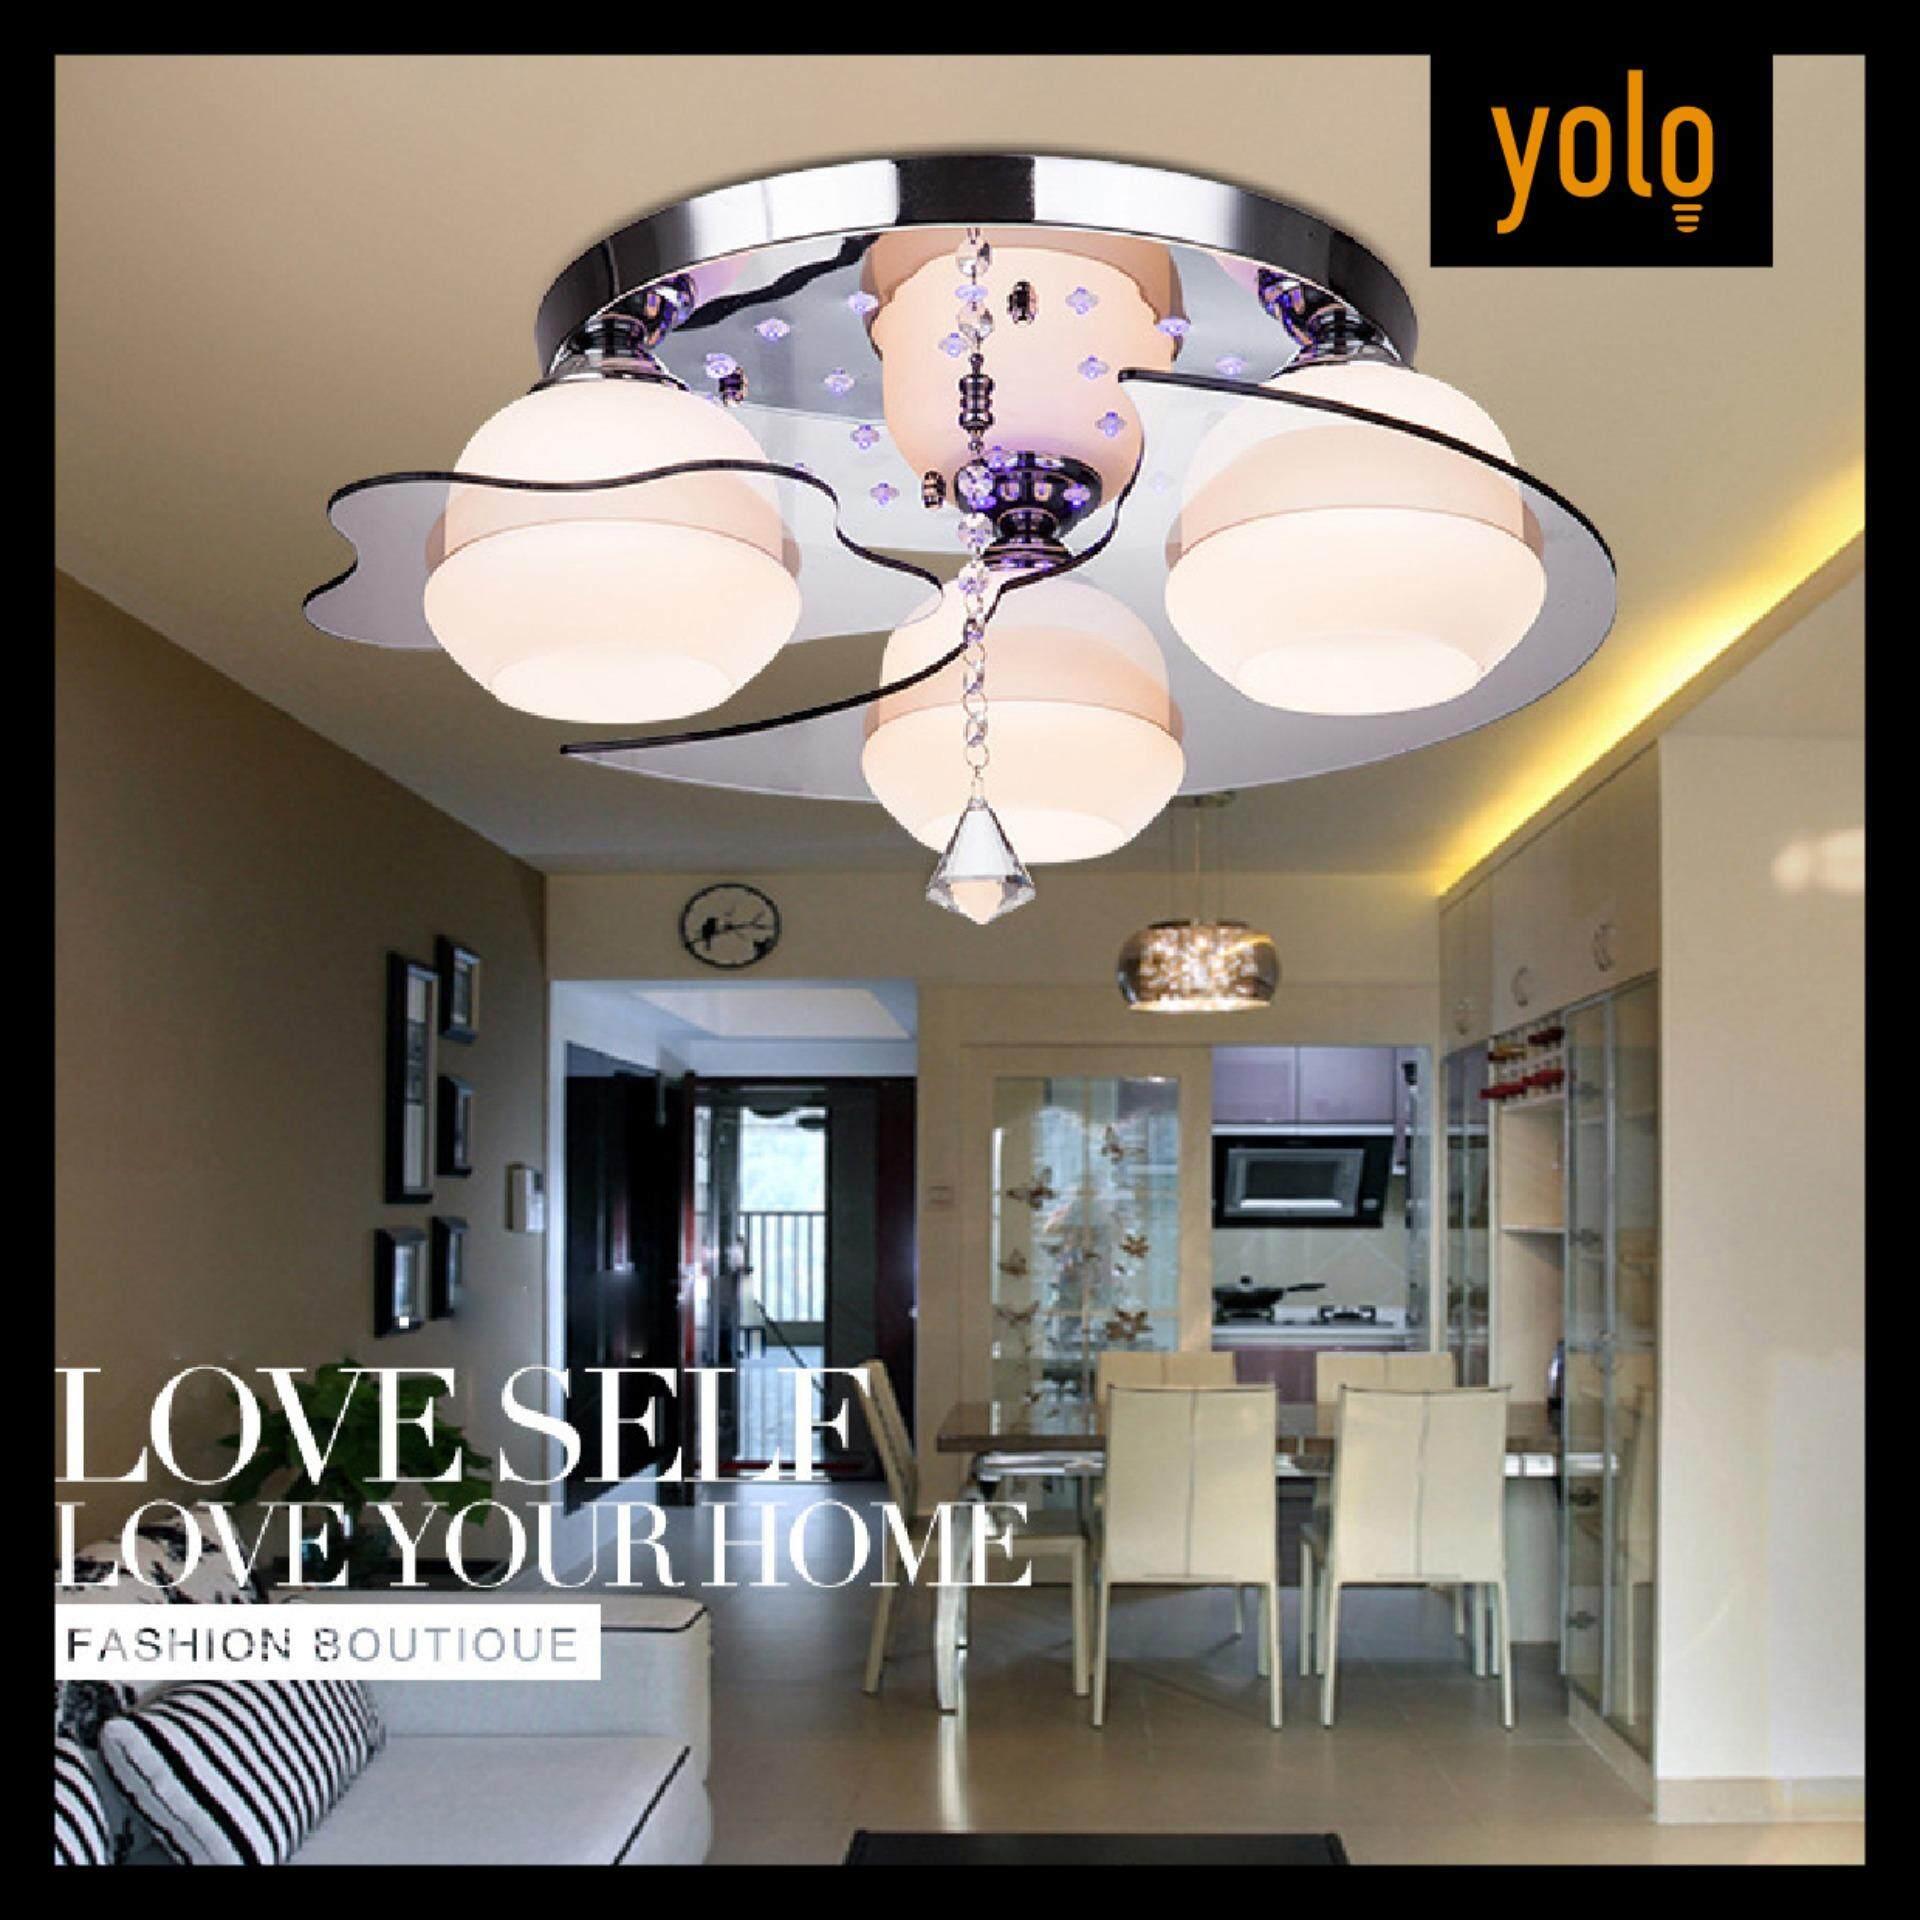 Yolo โคมไฟติดเพดาน รุ่น สีขาว ไม่รวมหลอดไฟ หลอดไฟ 3ดวง